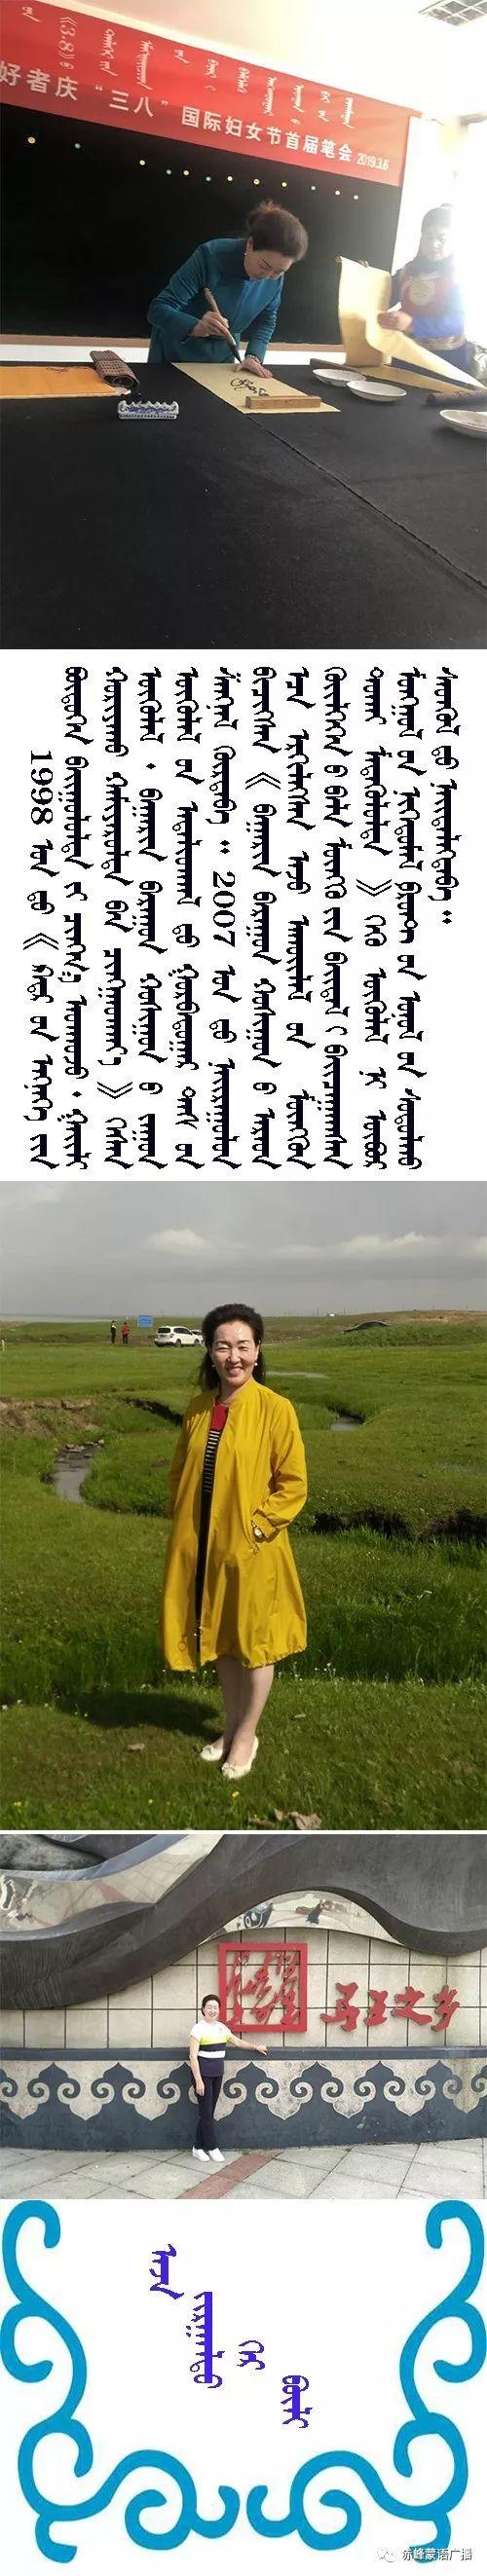 【音频】《赤峰蒙古族书法家》系列采访 (22) 第3张